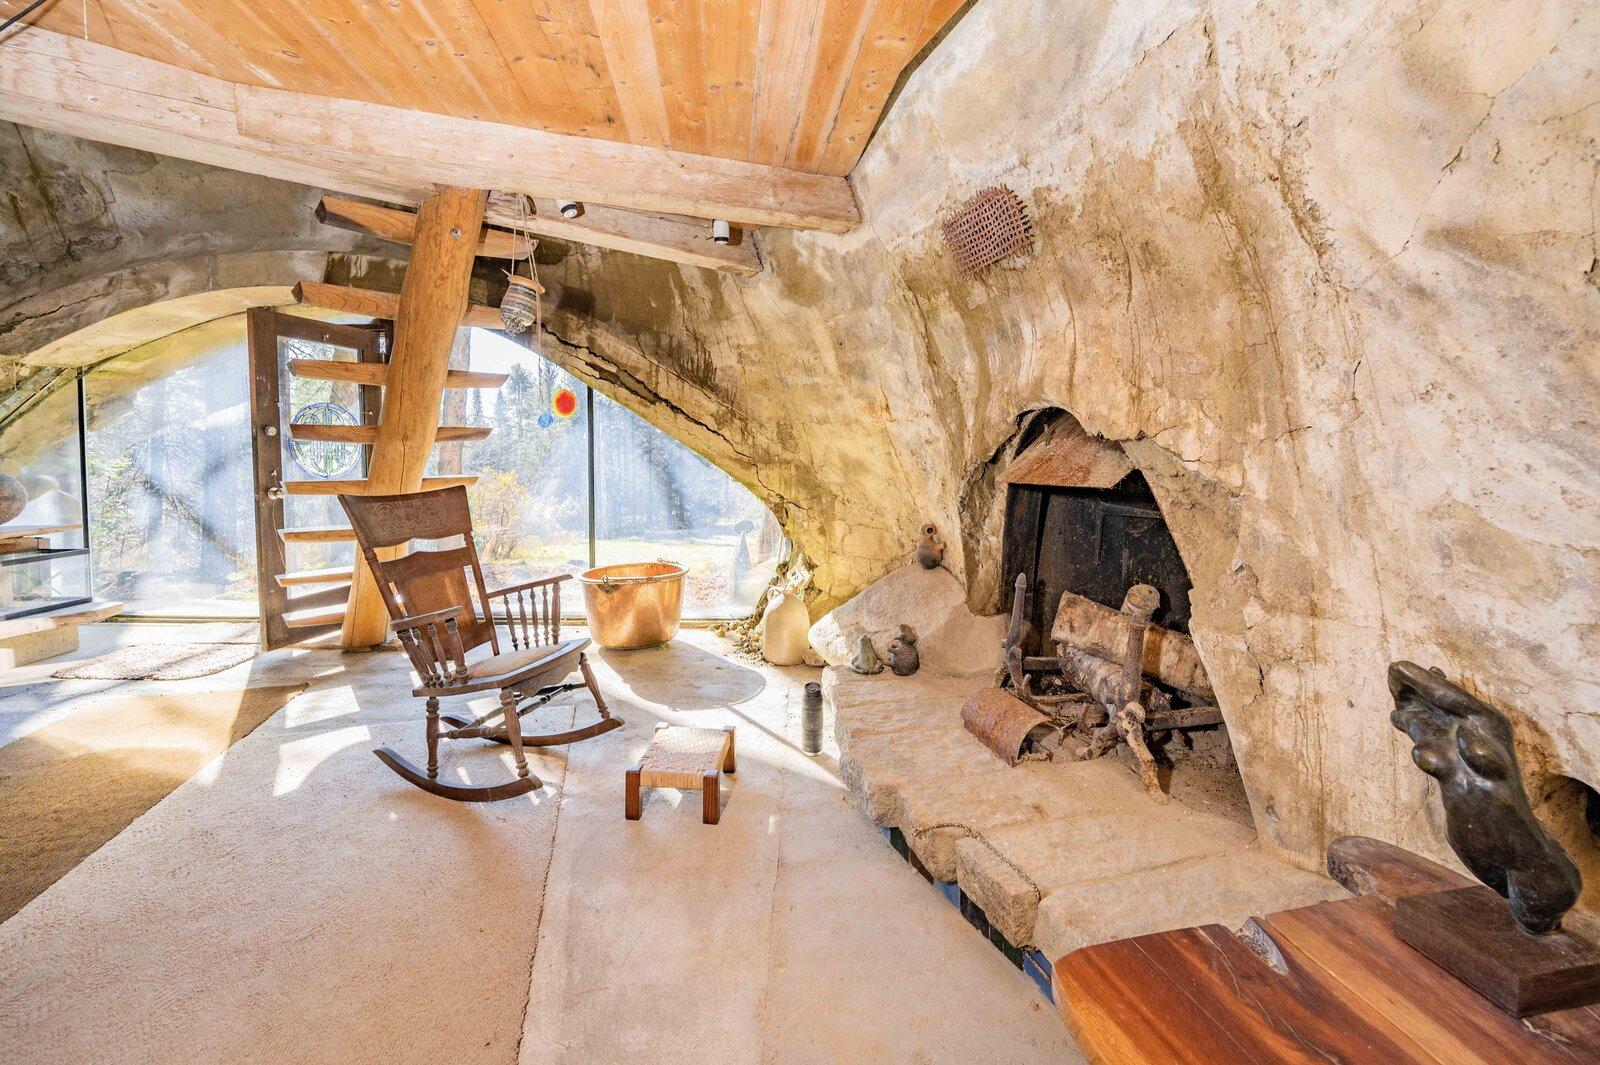 בית שאדריכל בנה בעבודת יד מחומרים טבעיים